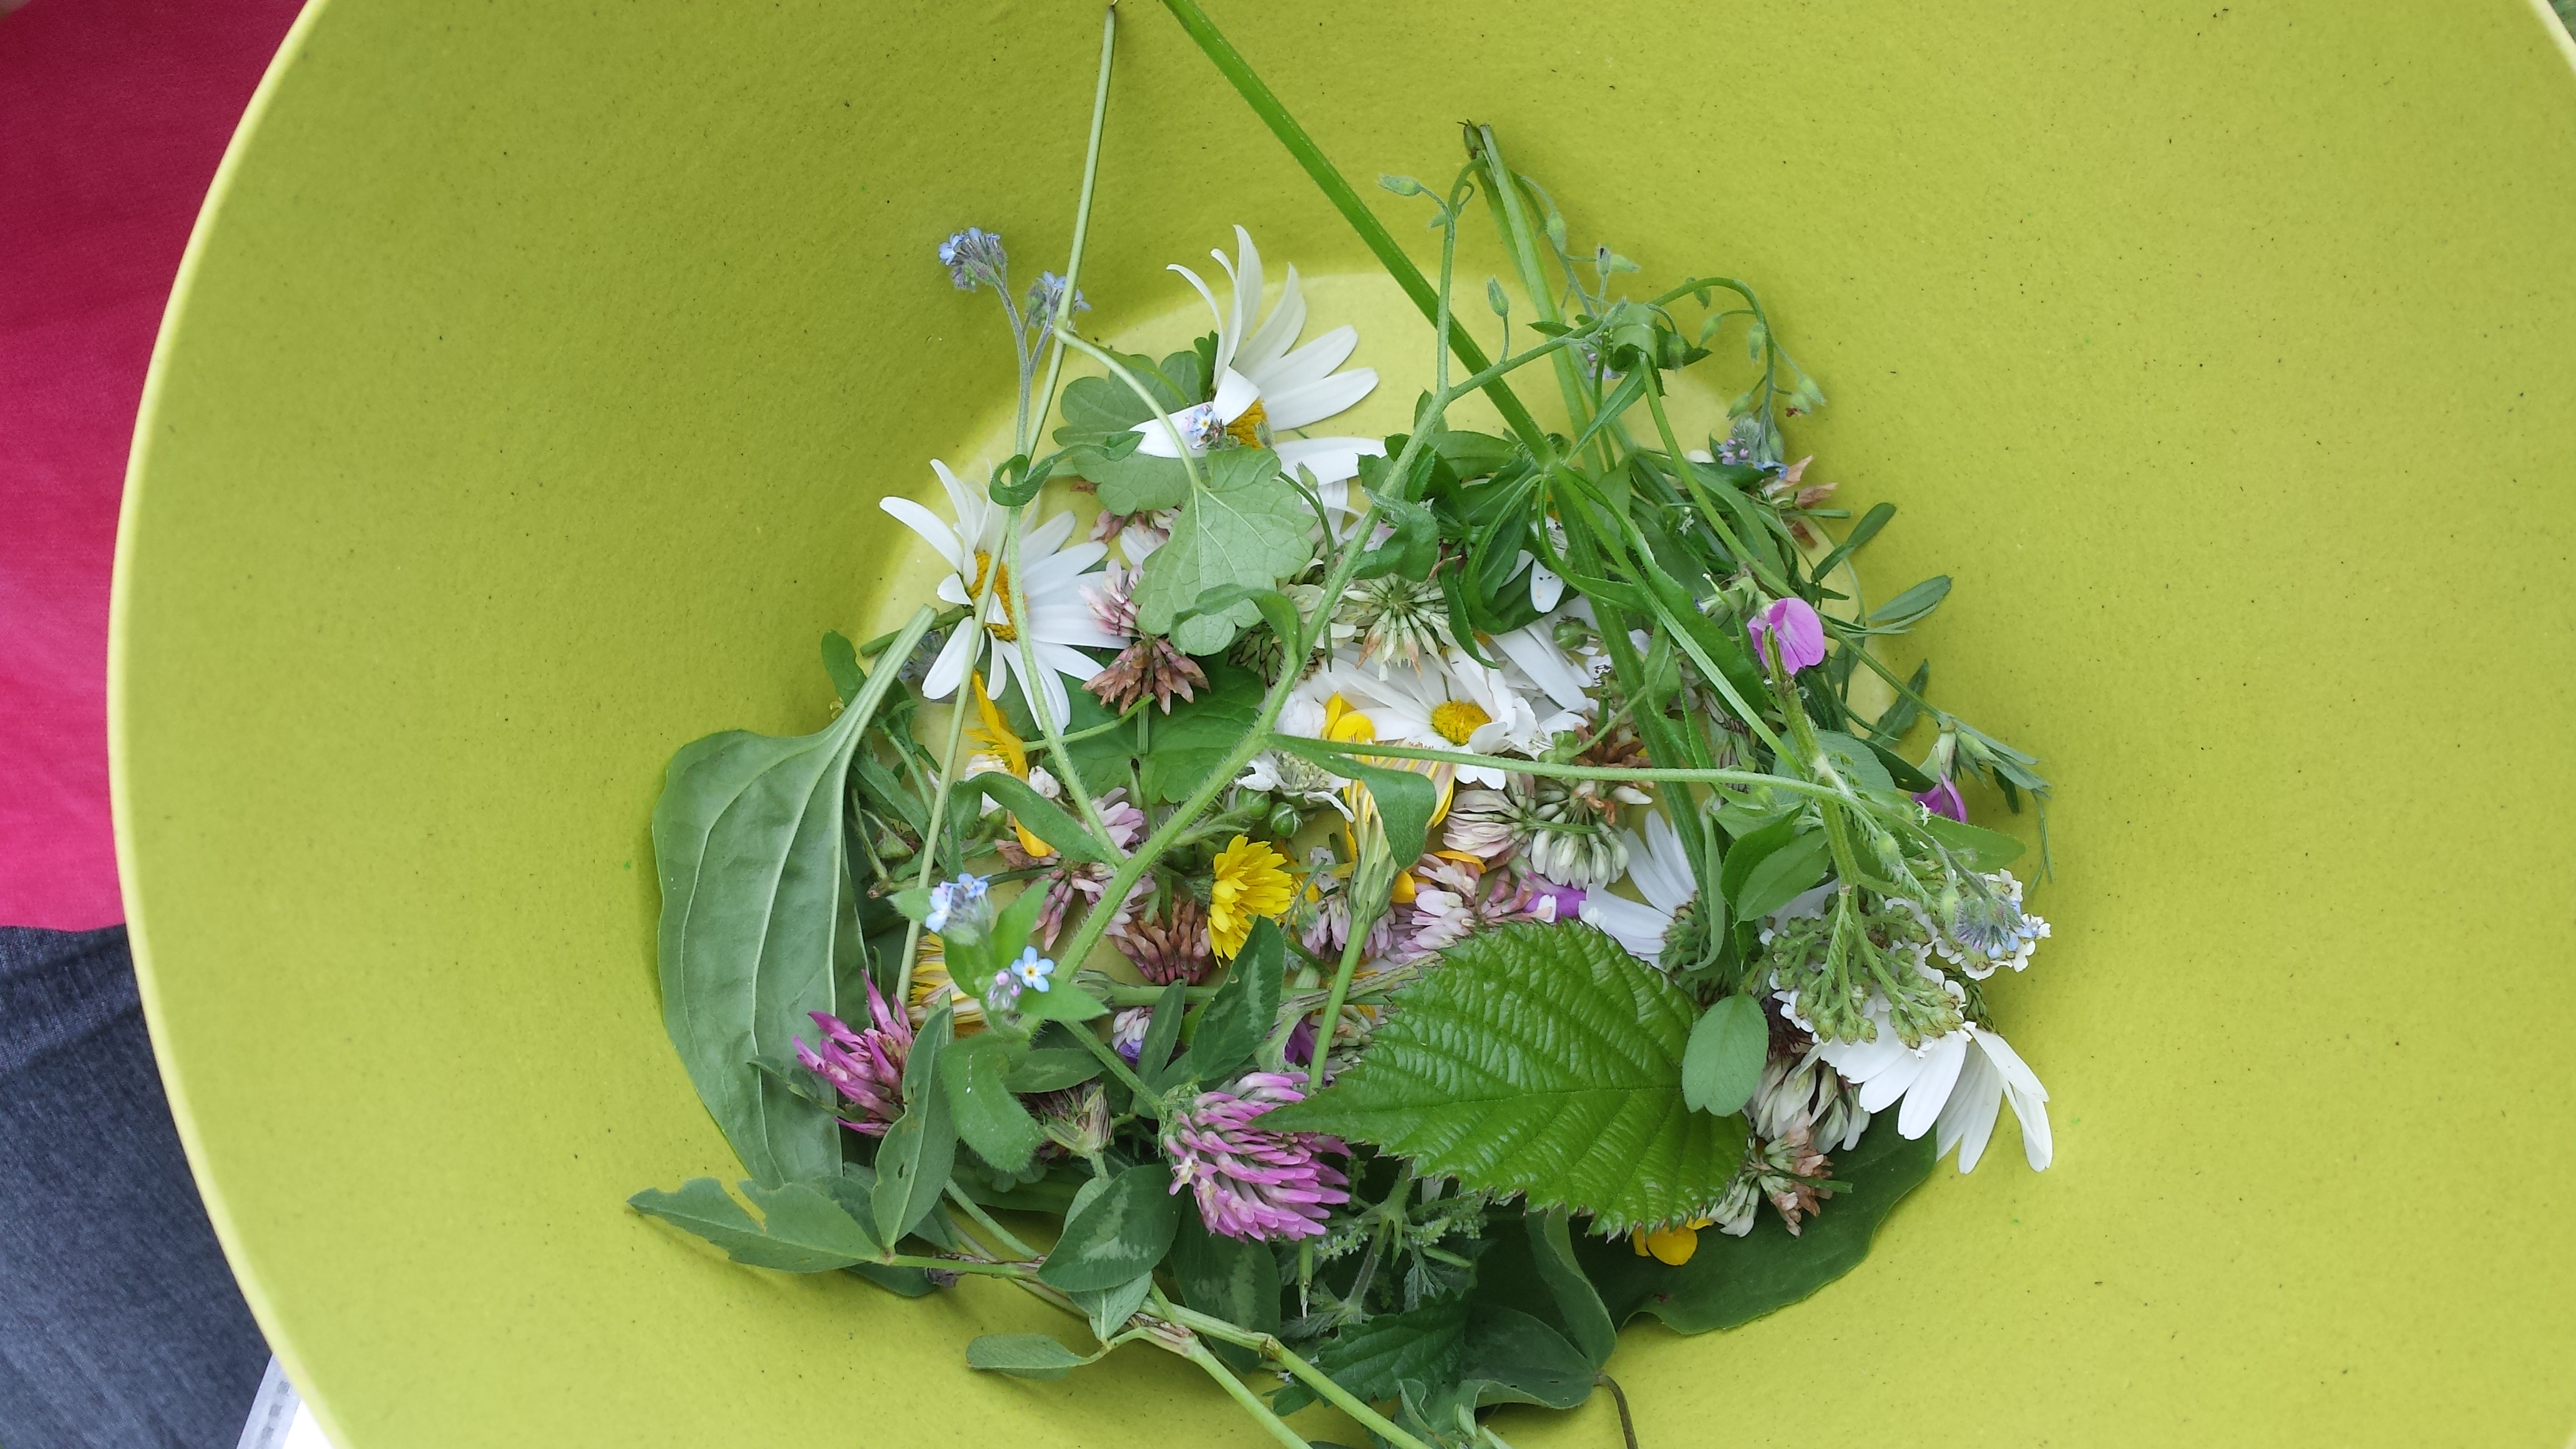 BK eetbare planten buitenkookfeest